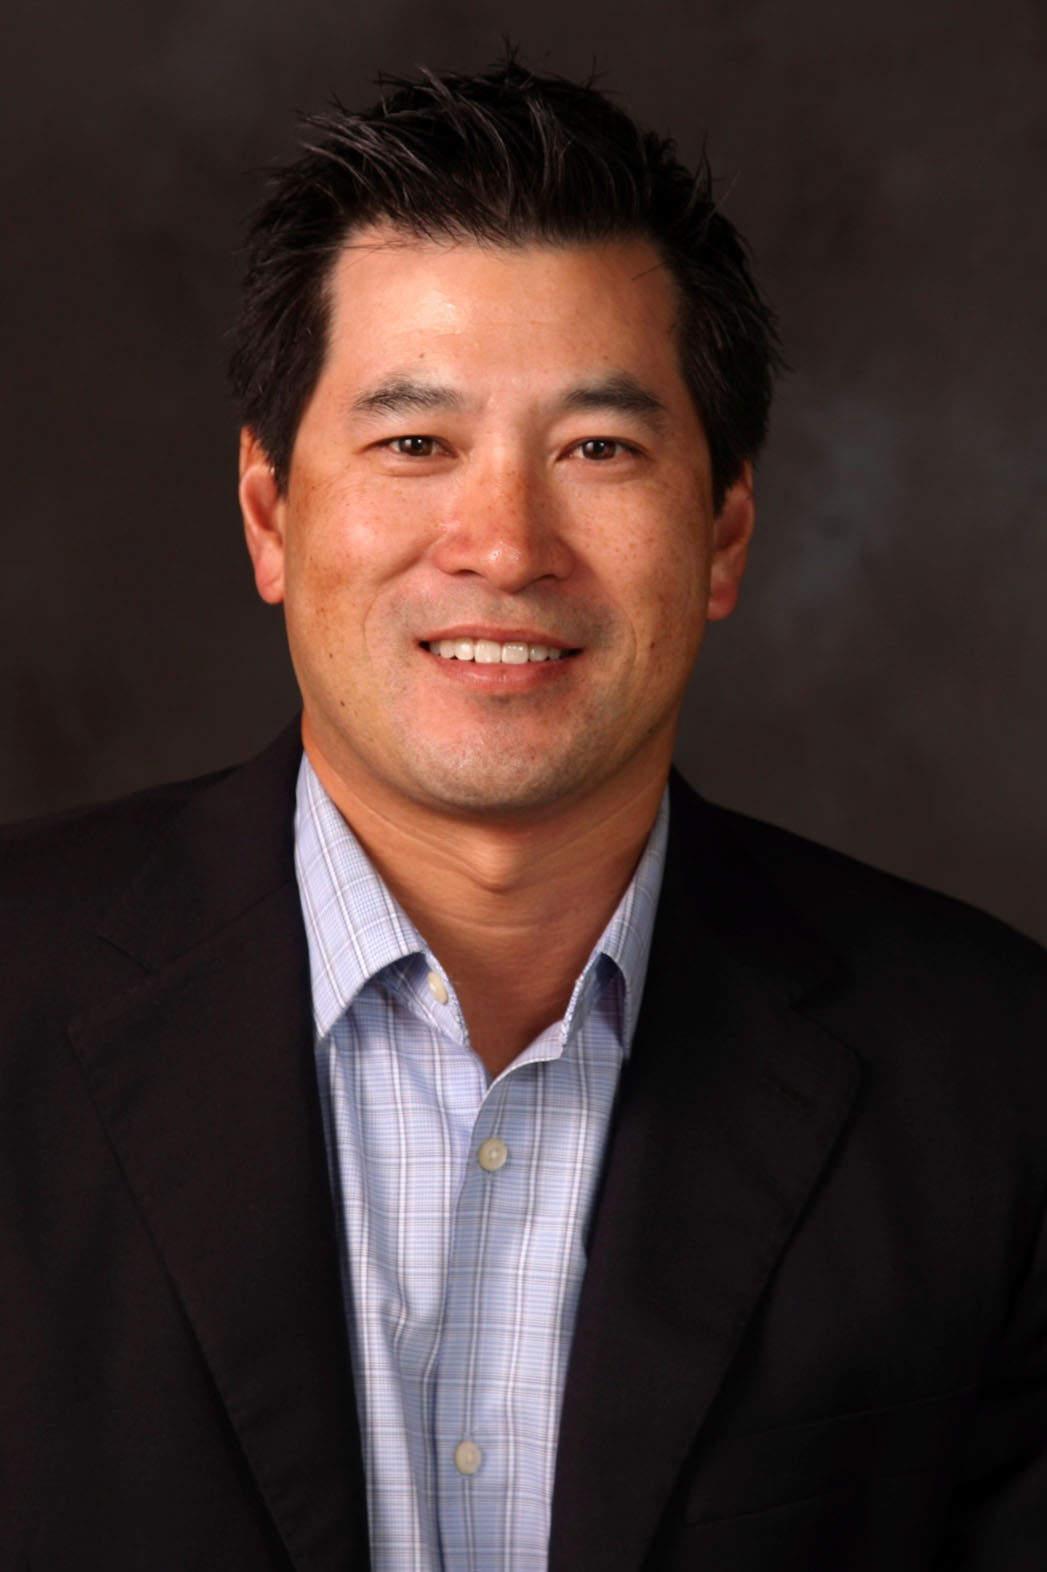 Eric Shiu Headshot - P 2013